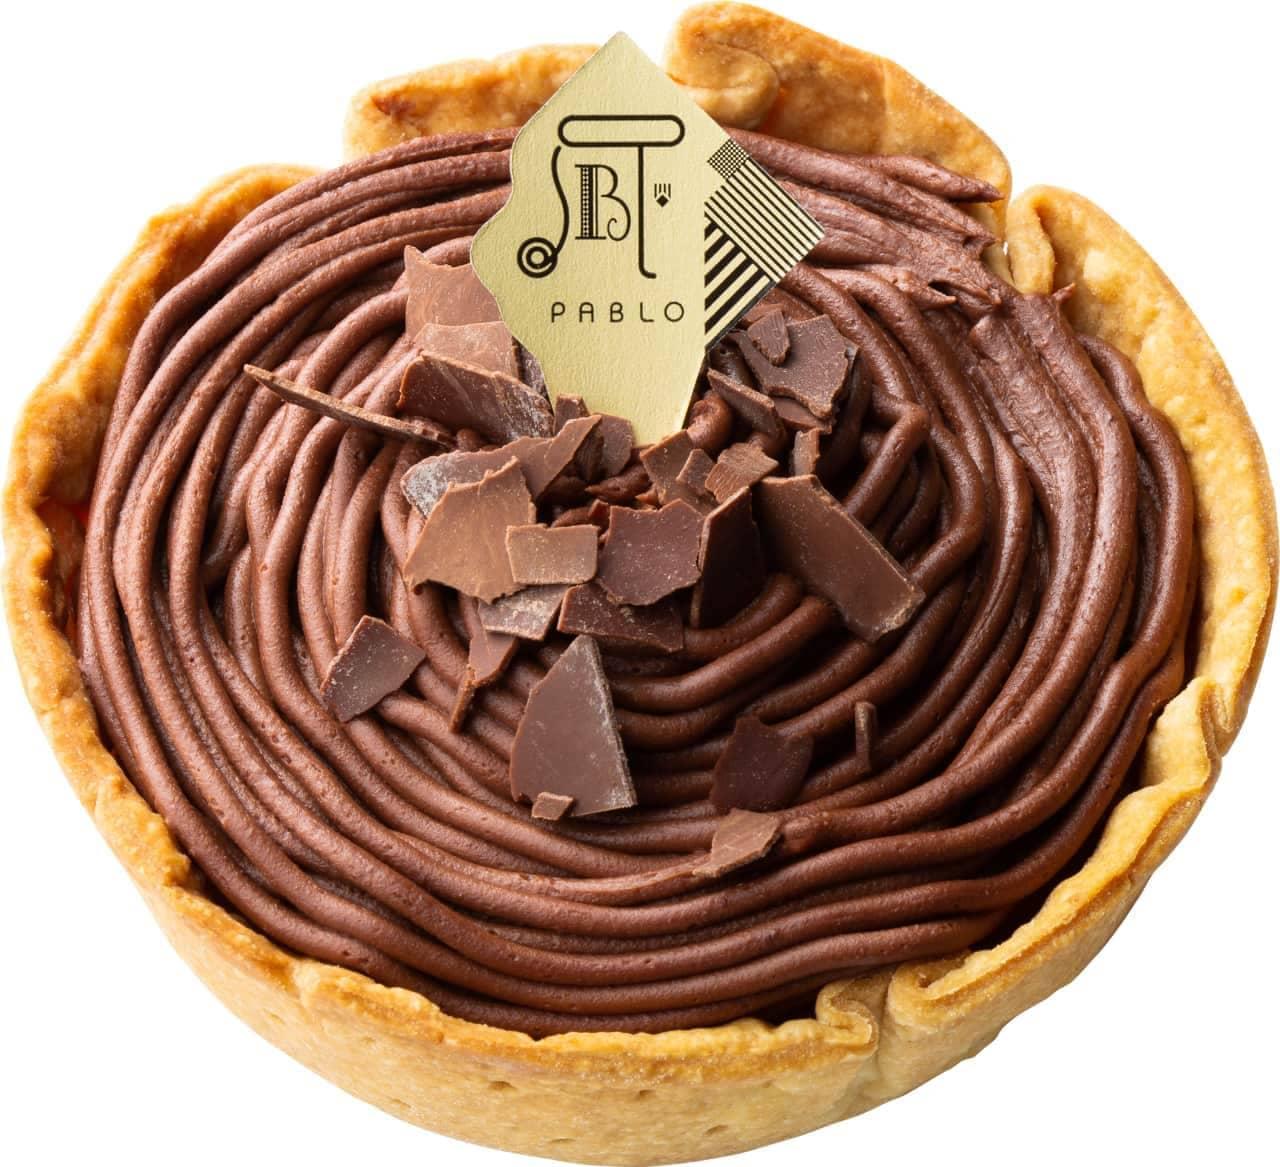 PABLOに「ハイカカオチョコレートとフランボワーズのチーズタルト 小さいサイズ」